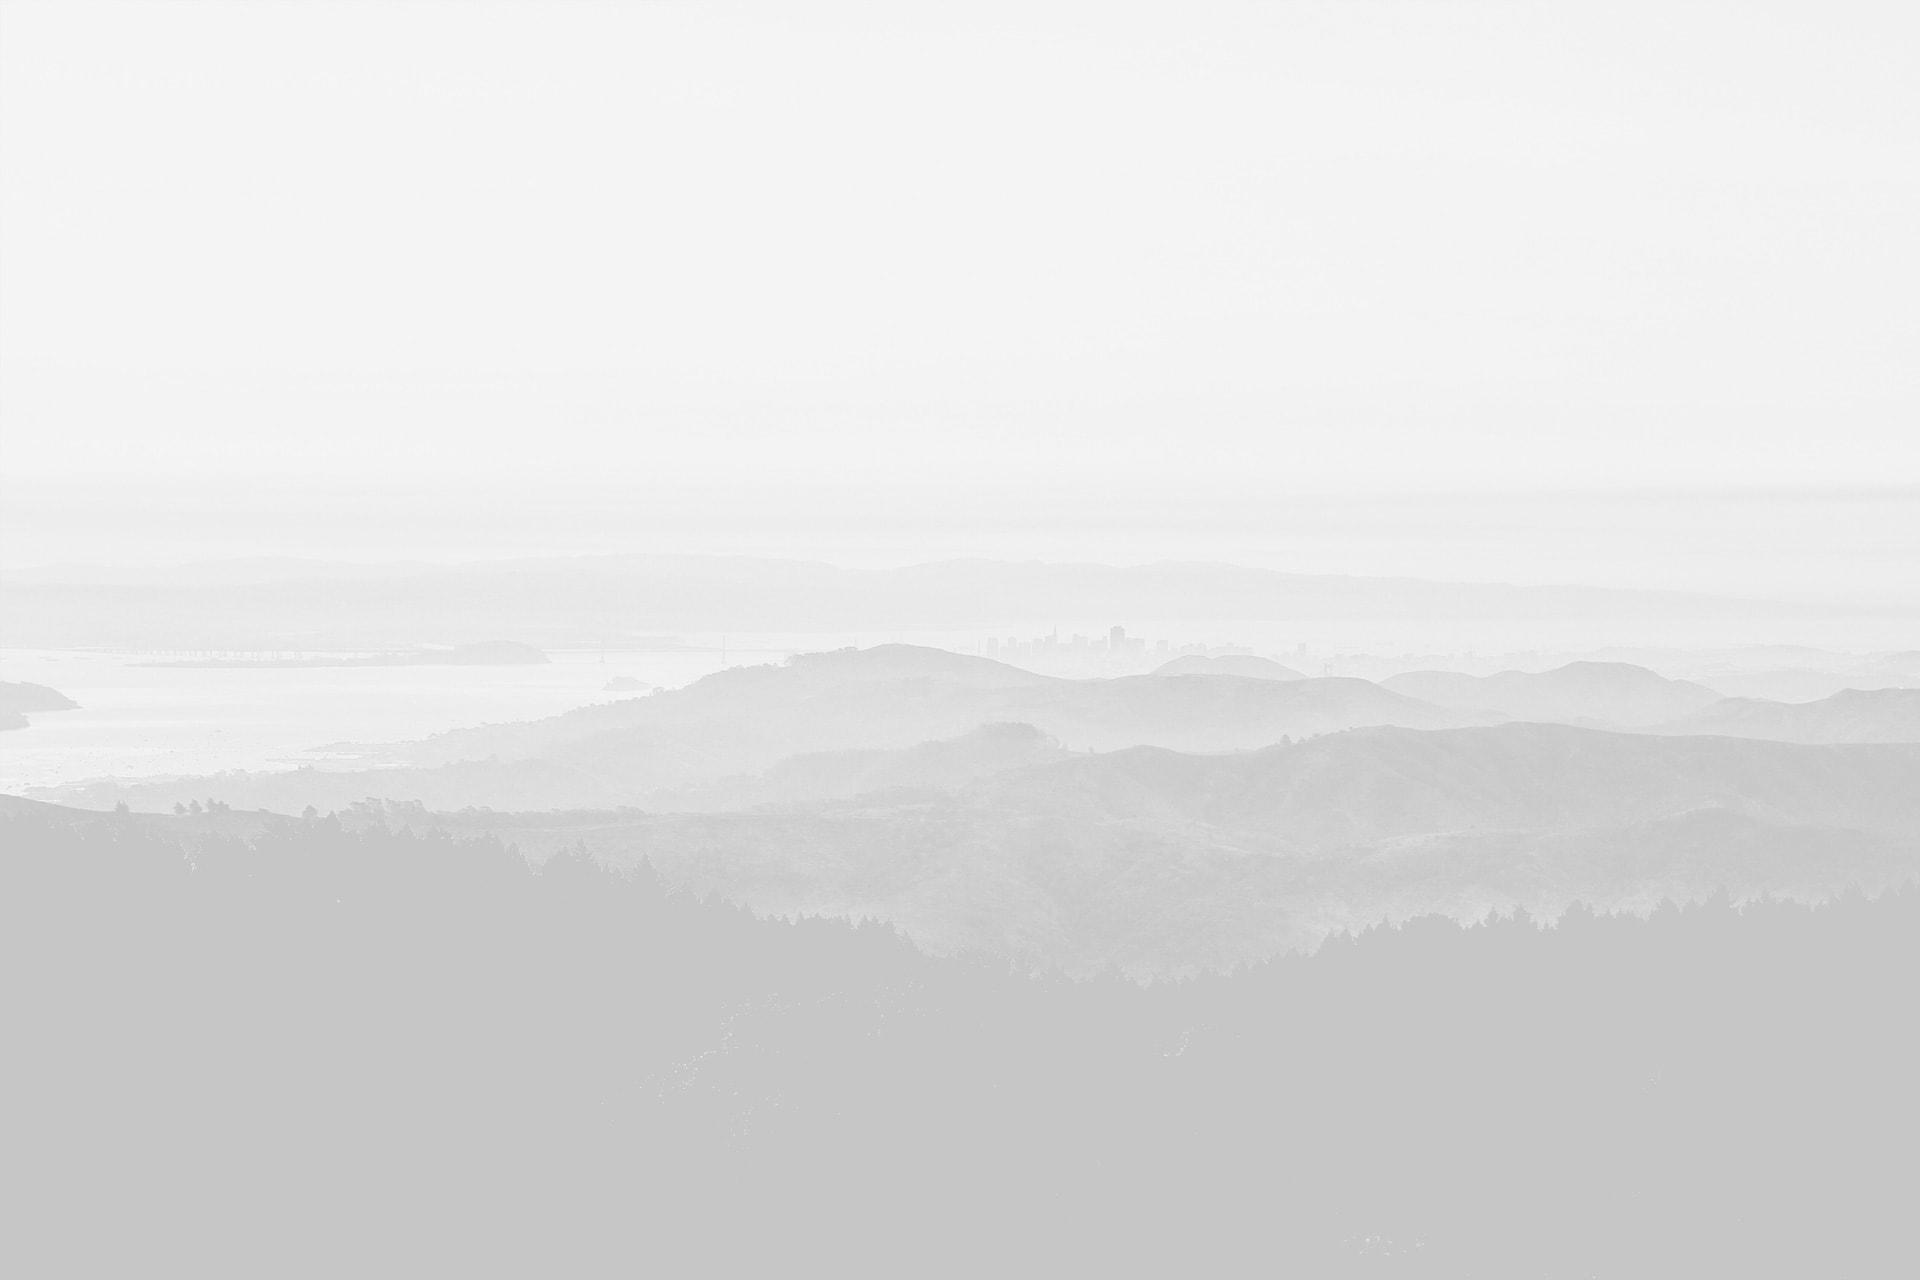 Calm over the horizon